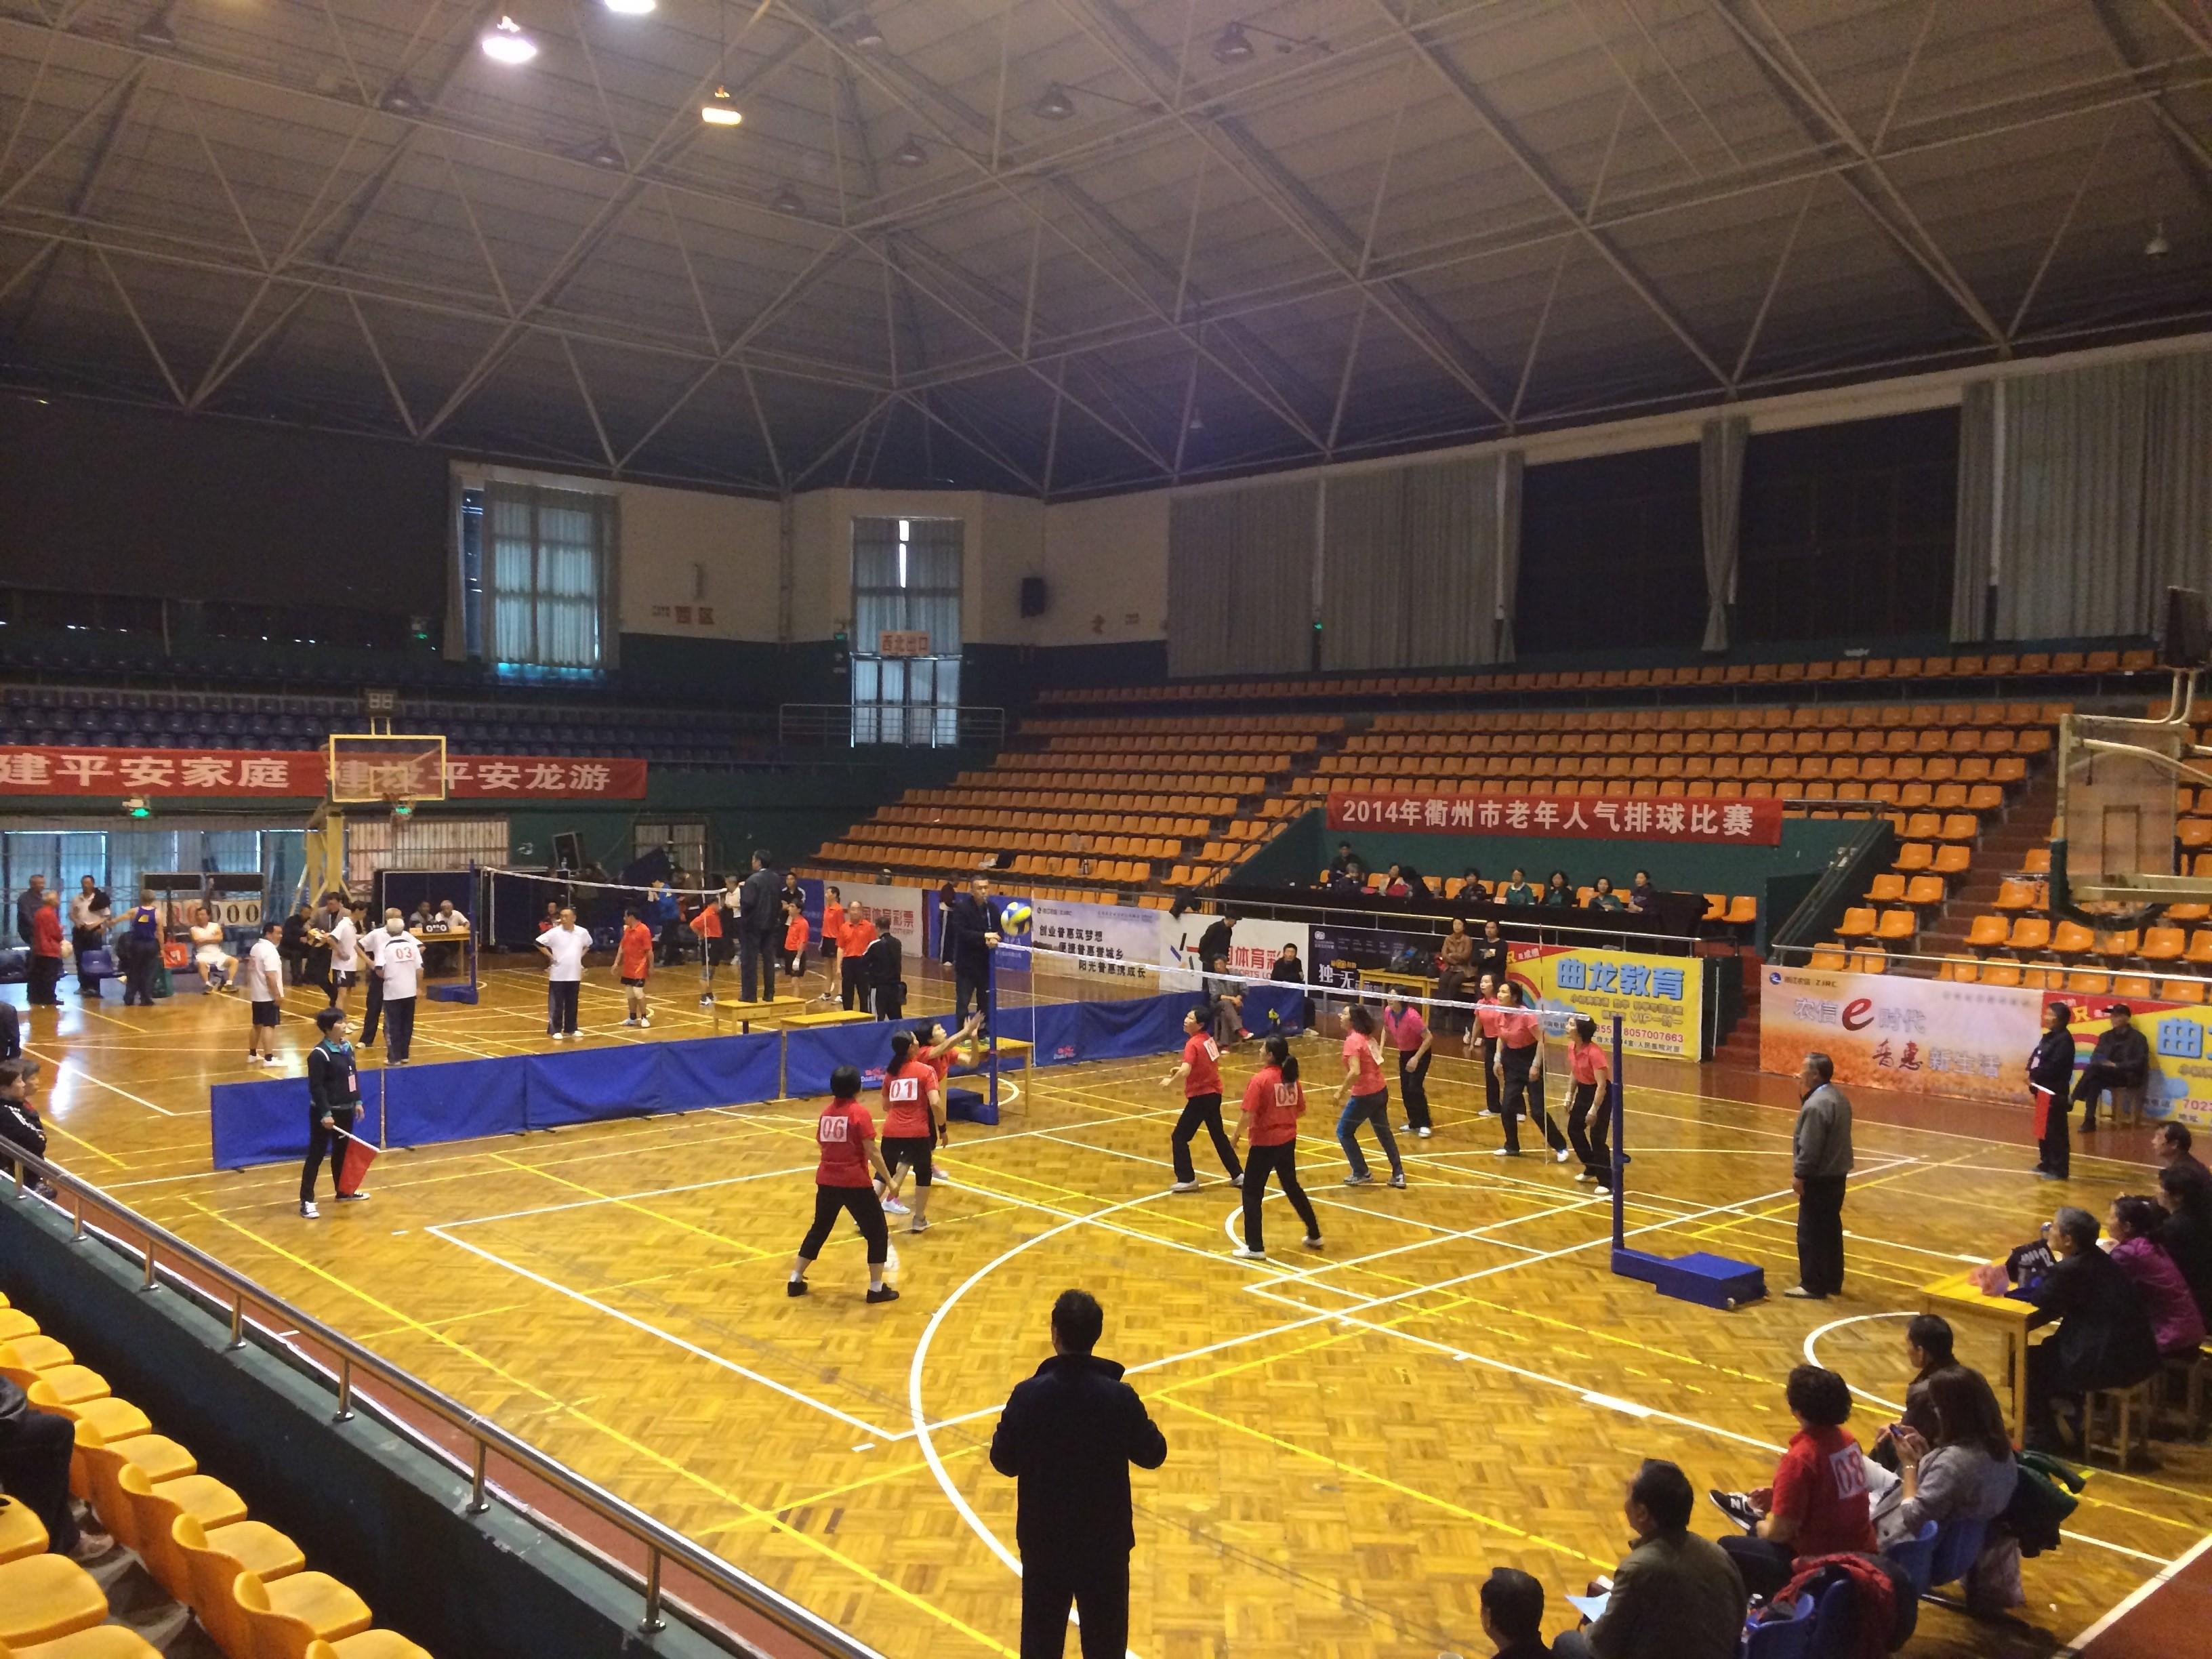 【龙游县】举行老年人气排球比赛